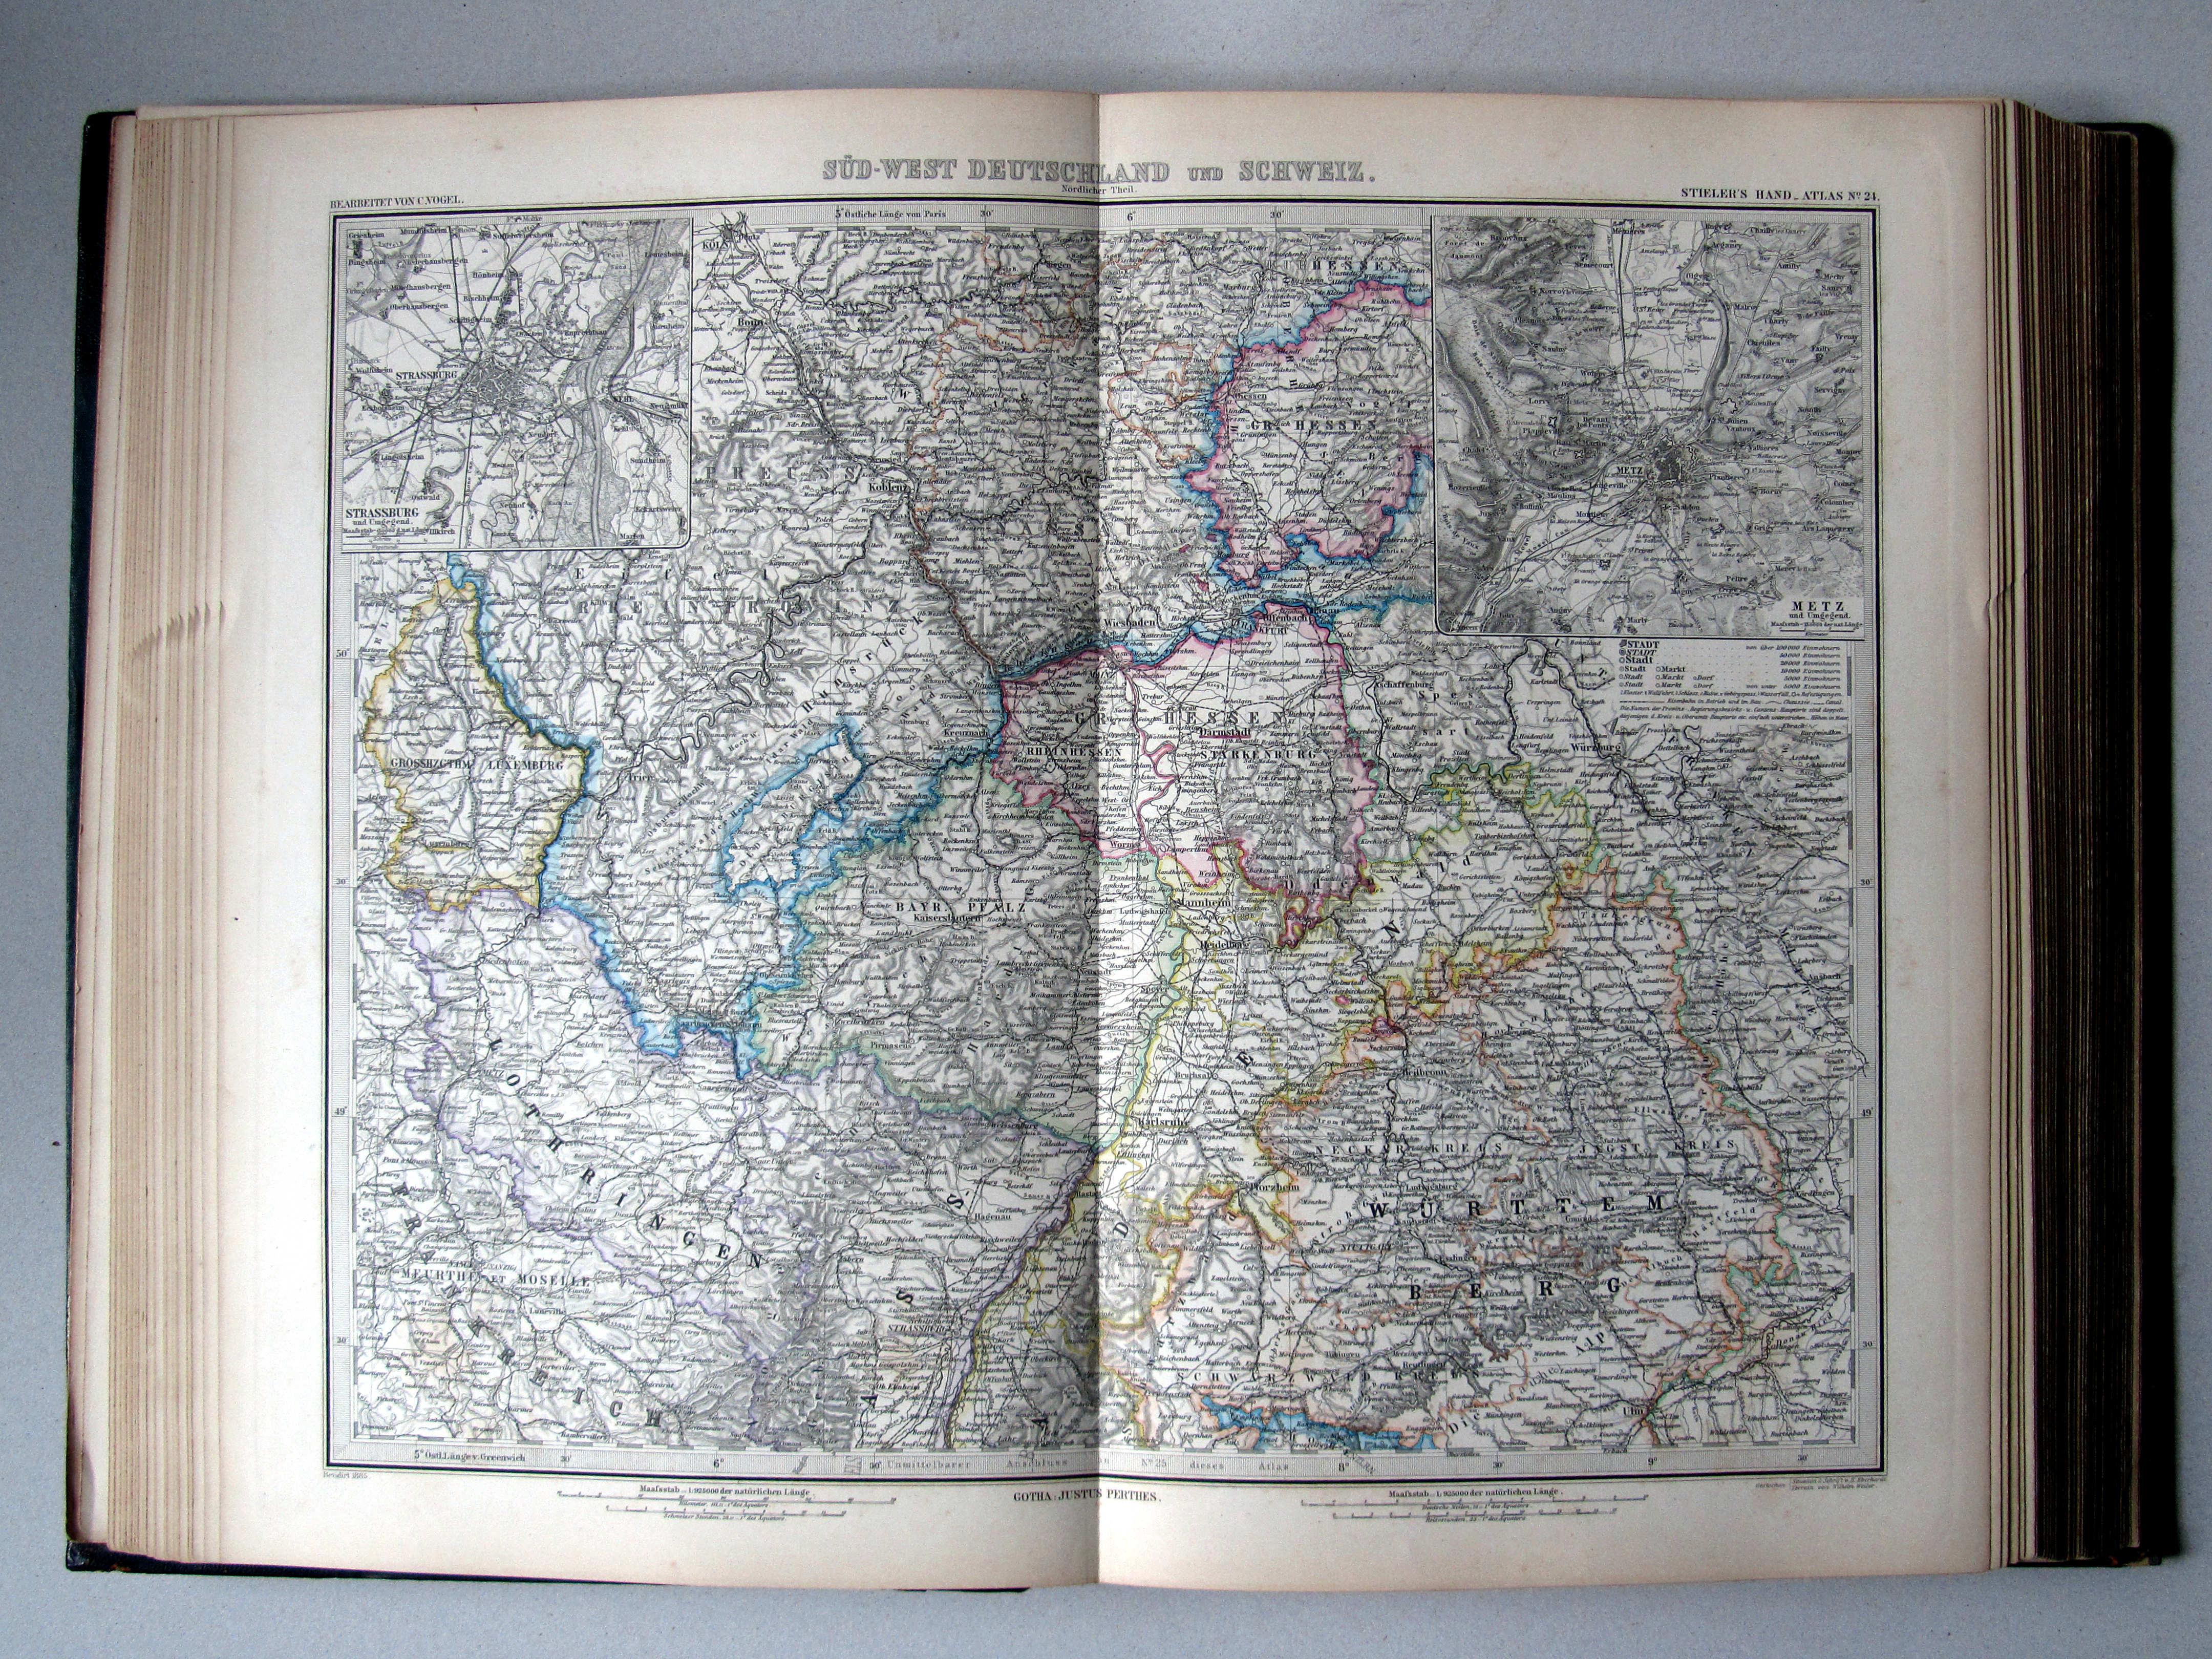 P stielers hand atlas 7e druk uitgave 1885 - Noordelijke deel ...